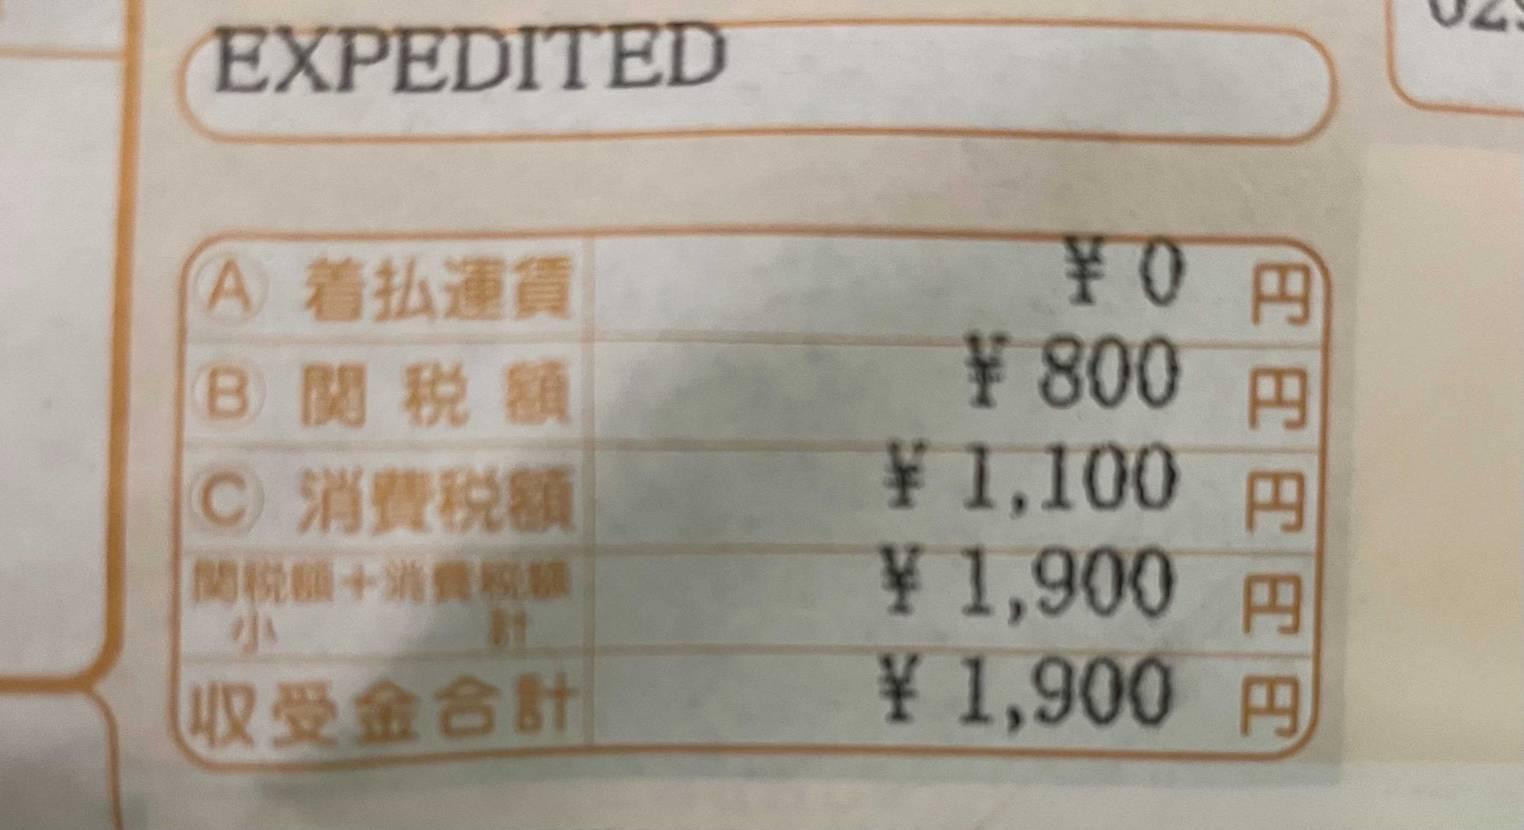 前回、あでさんも投稿されていましたが、全く同額の総額22370円(本体価格190